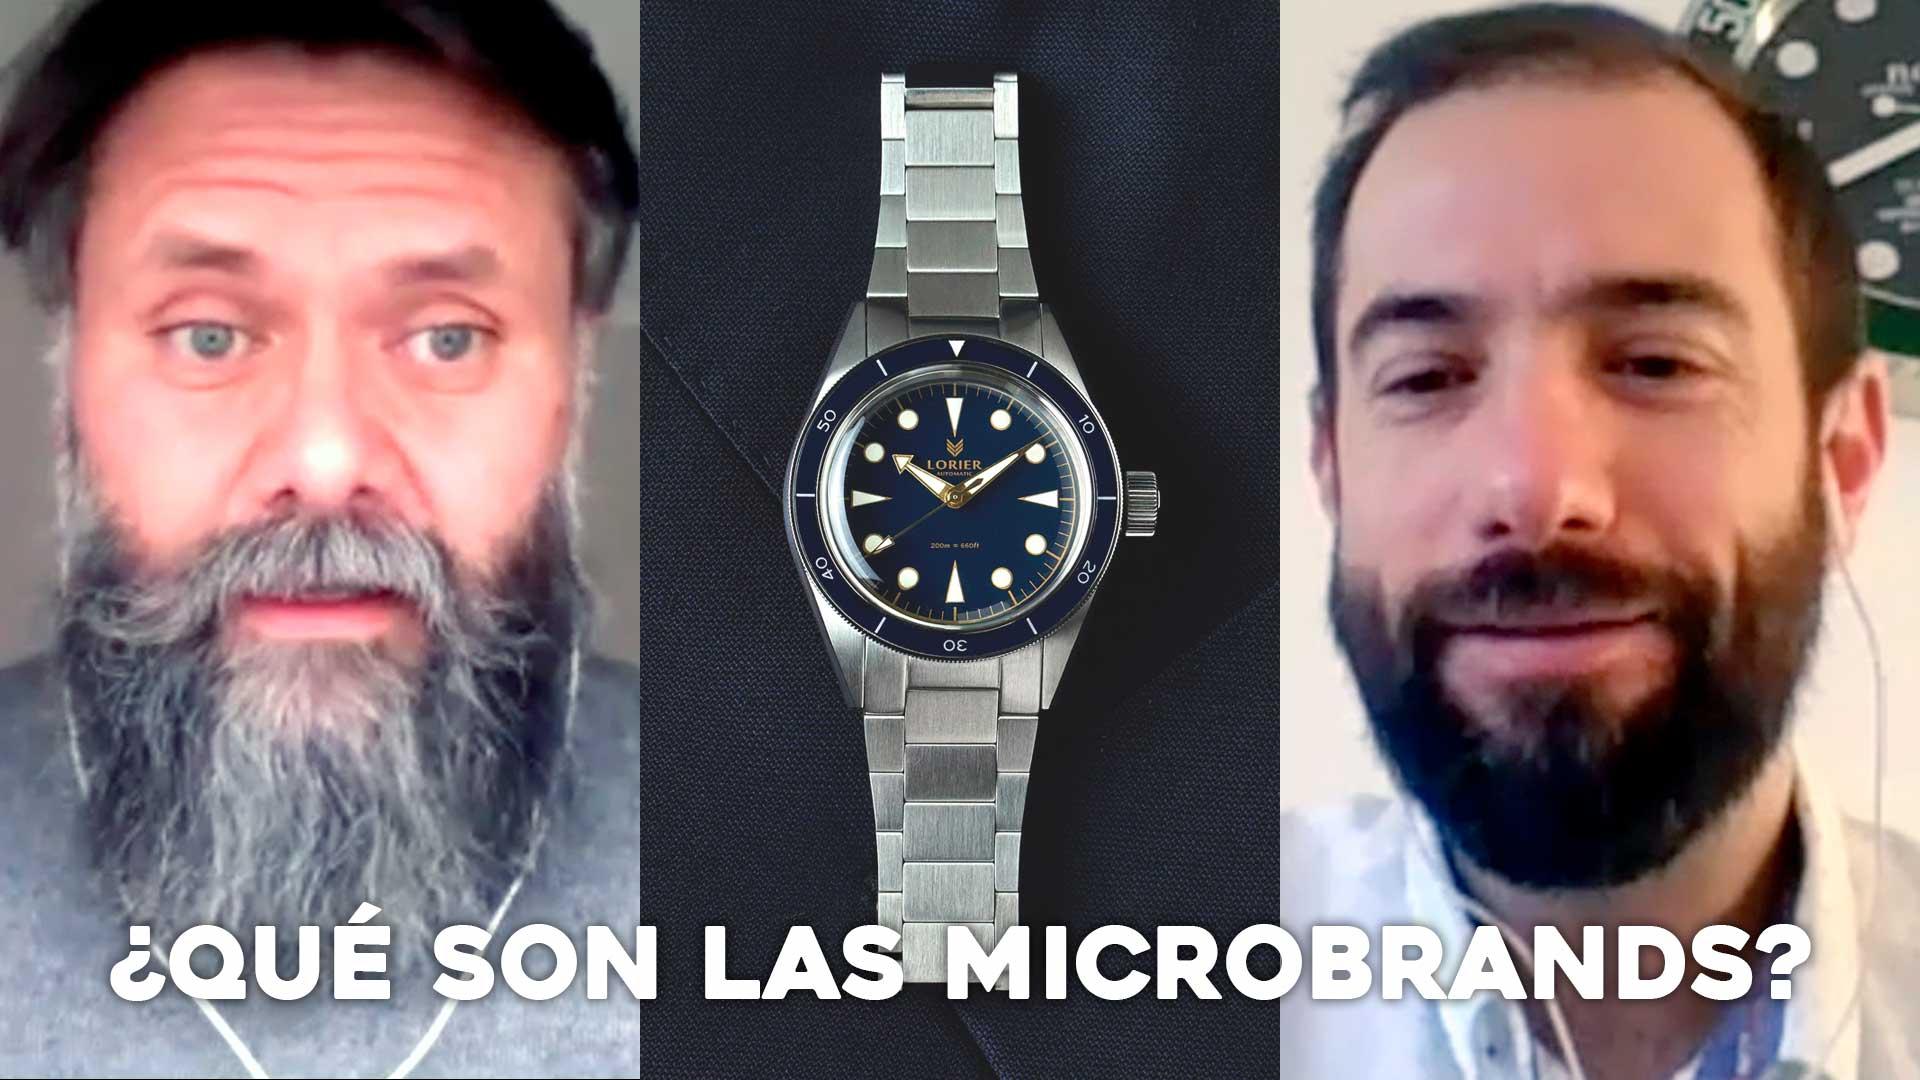 ¿Qué son las microbrands?